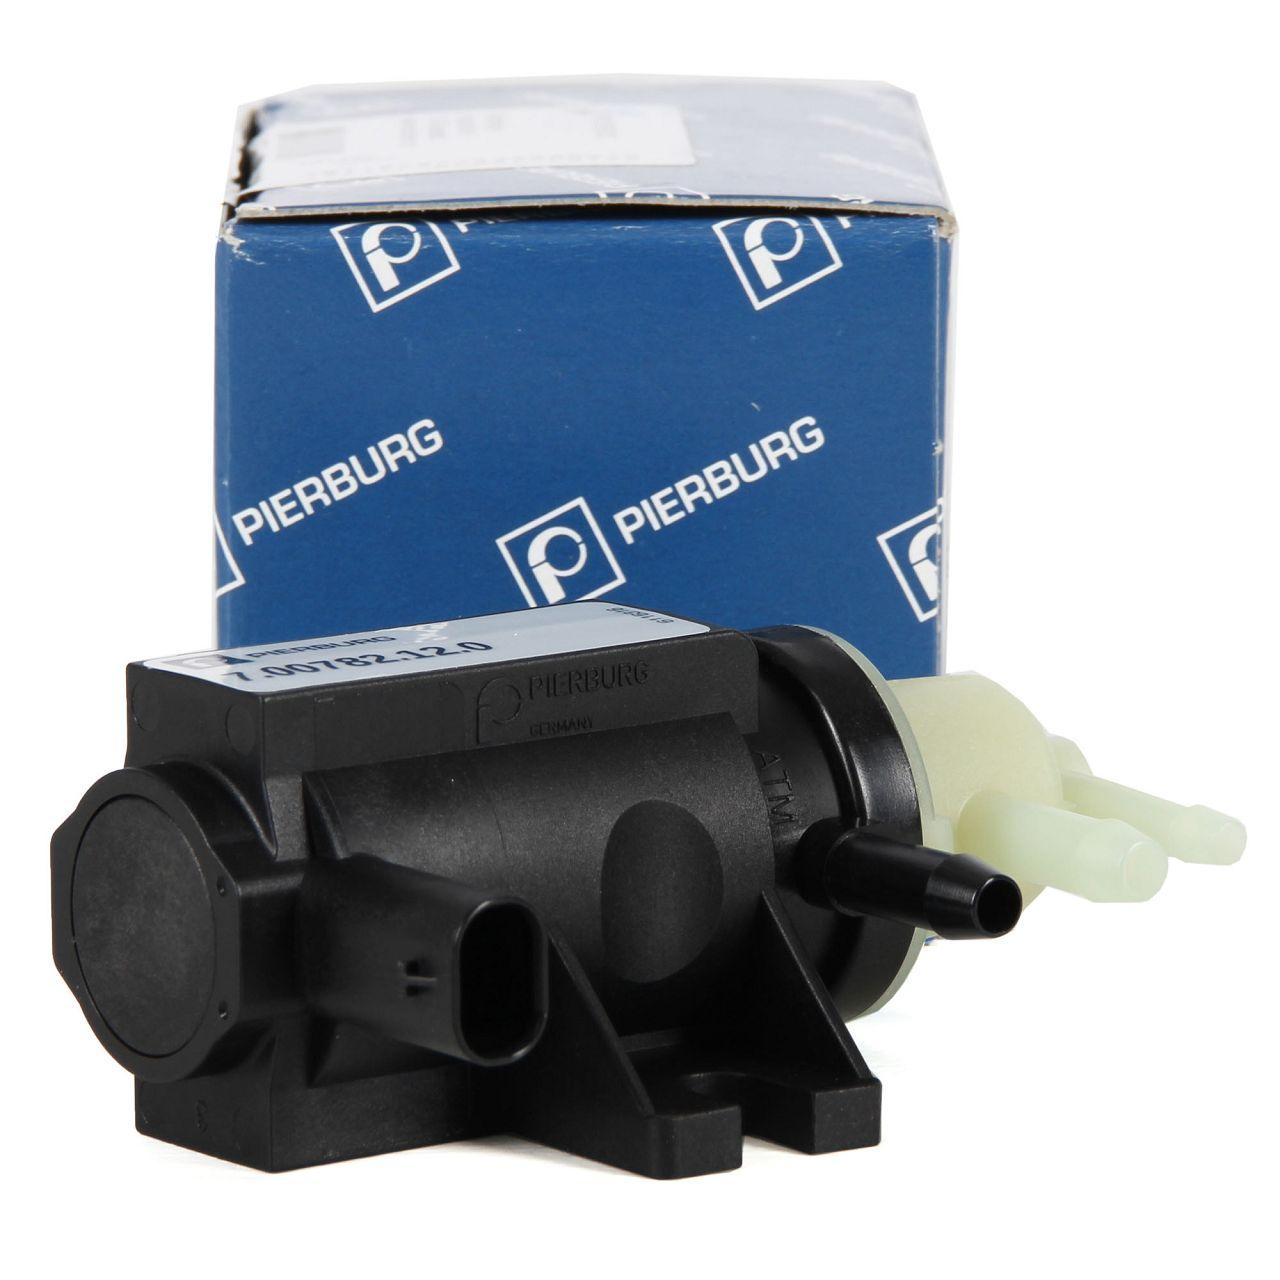 PIERBURG Druckwandler für MERCEDES W204 C218 W212 X204 W166 W221 R172 SPRINTER